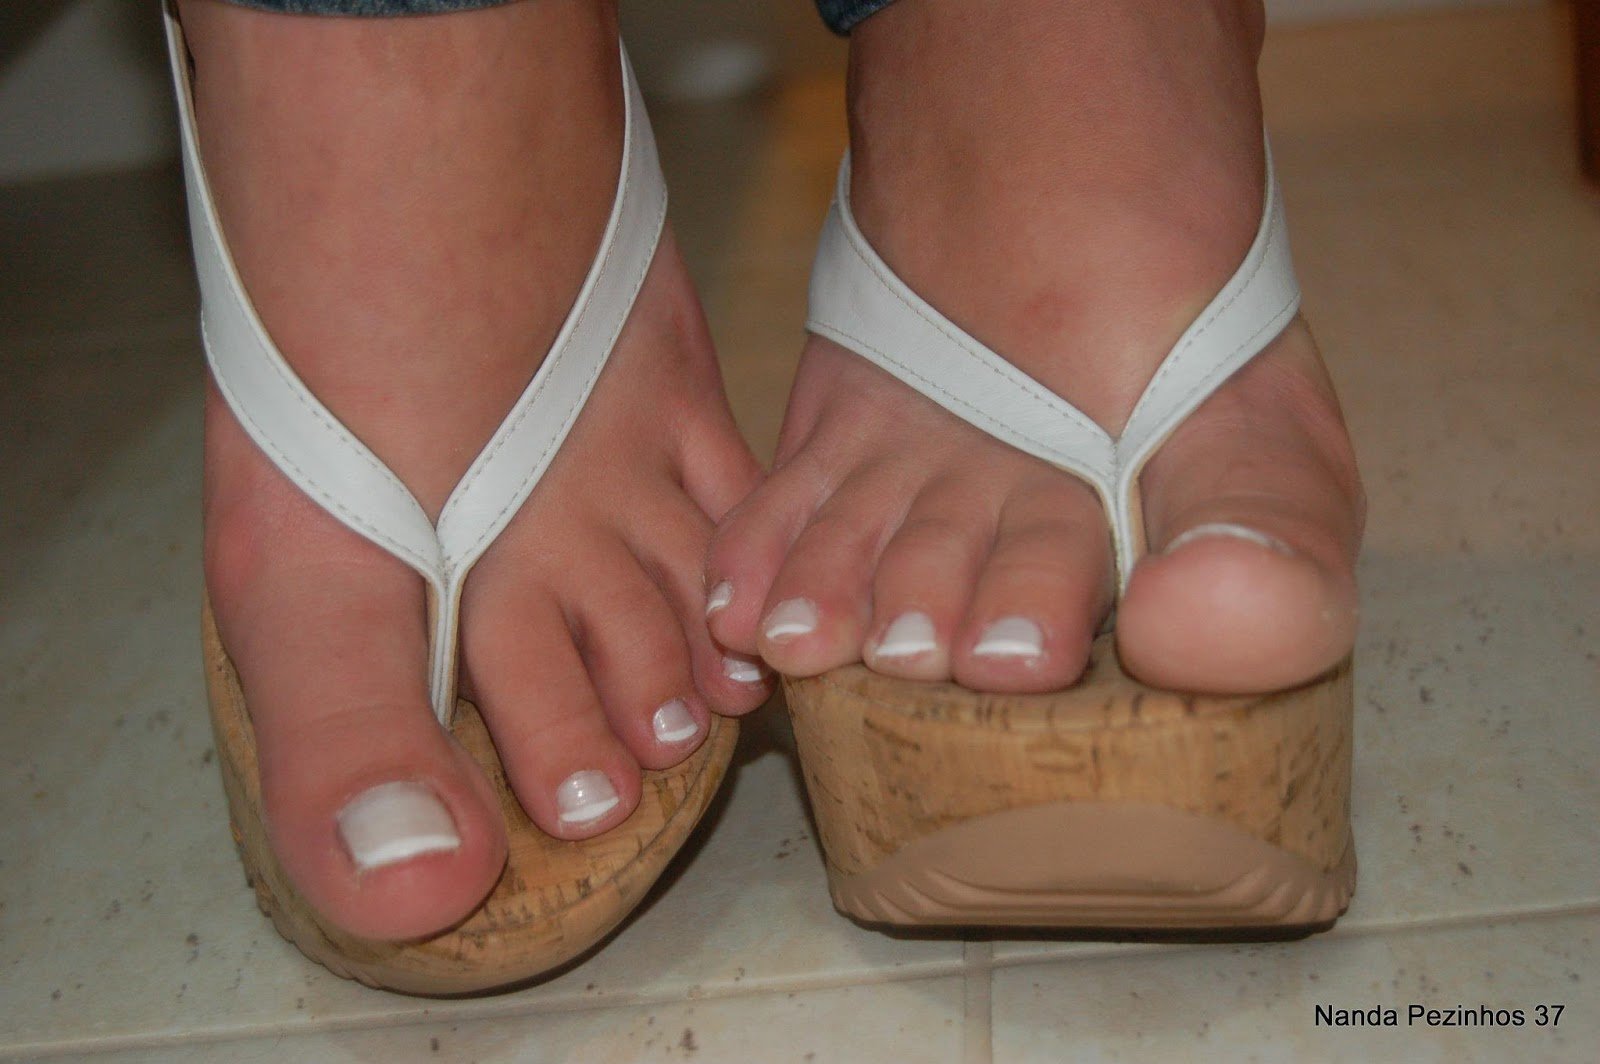 Pezinhos de peep toe nude alto de plataforma e meia calca - 2 part 1